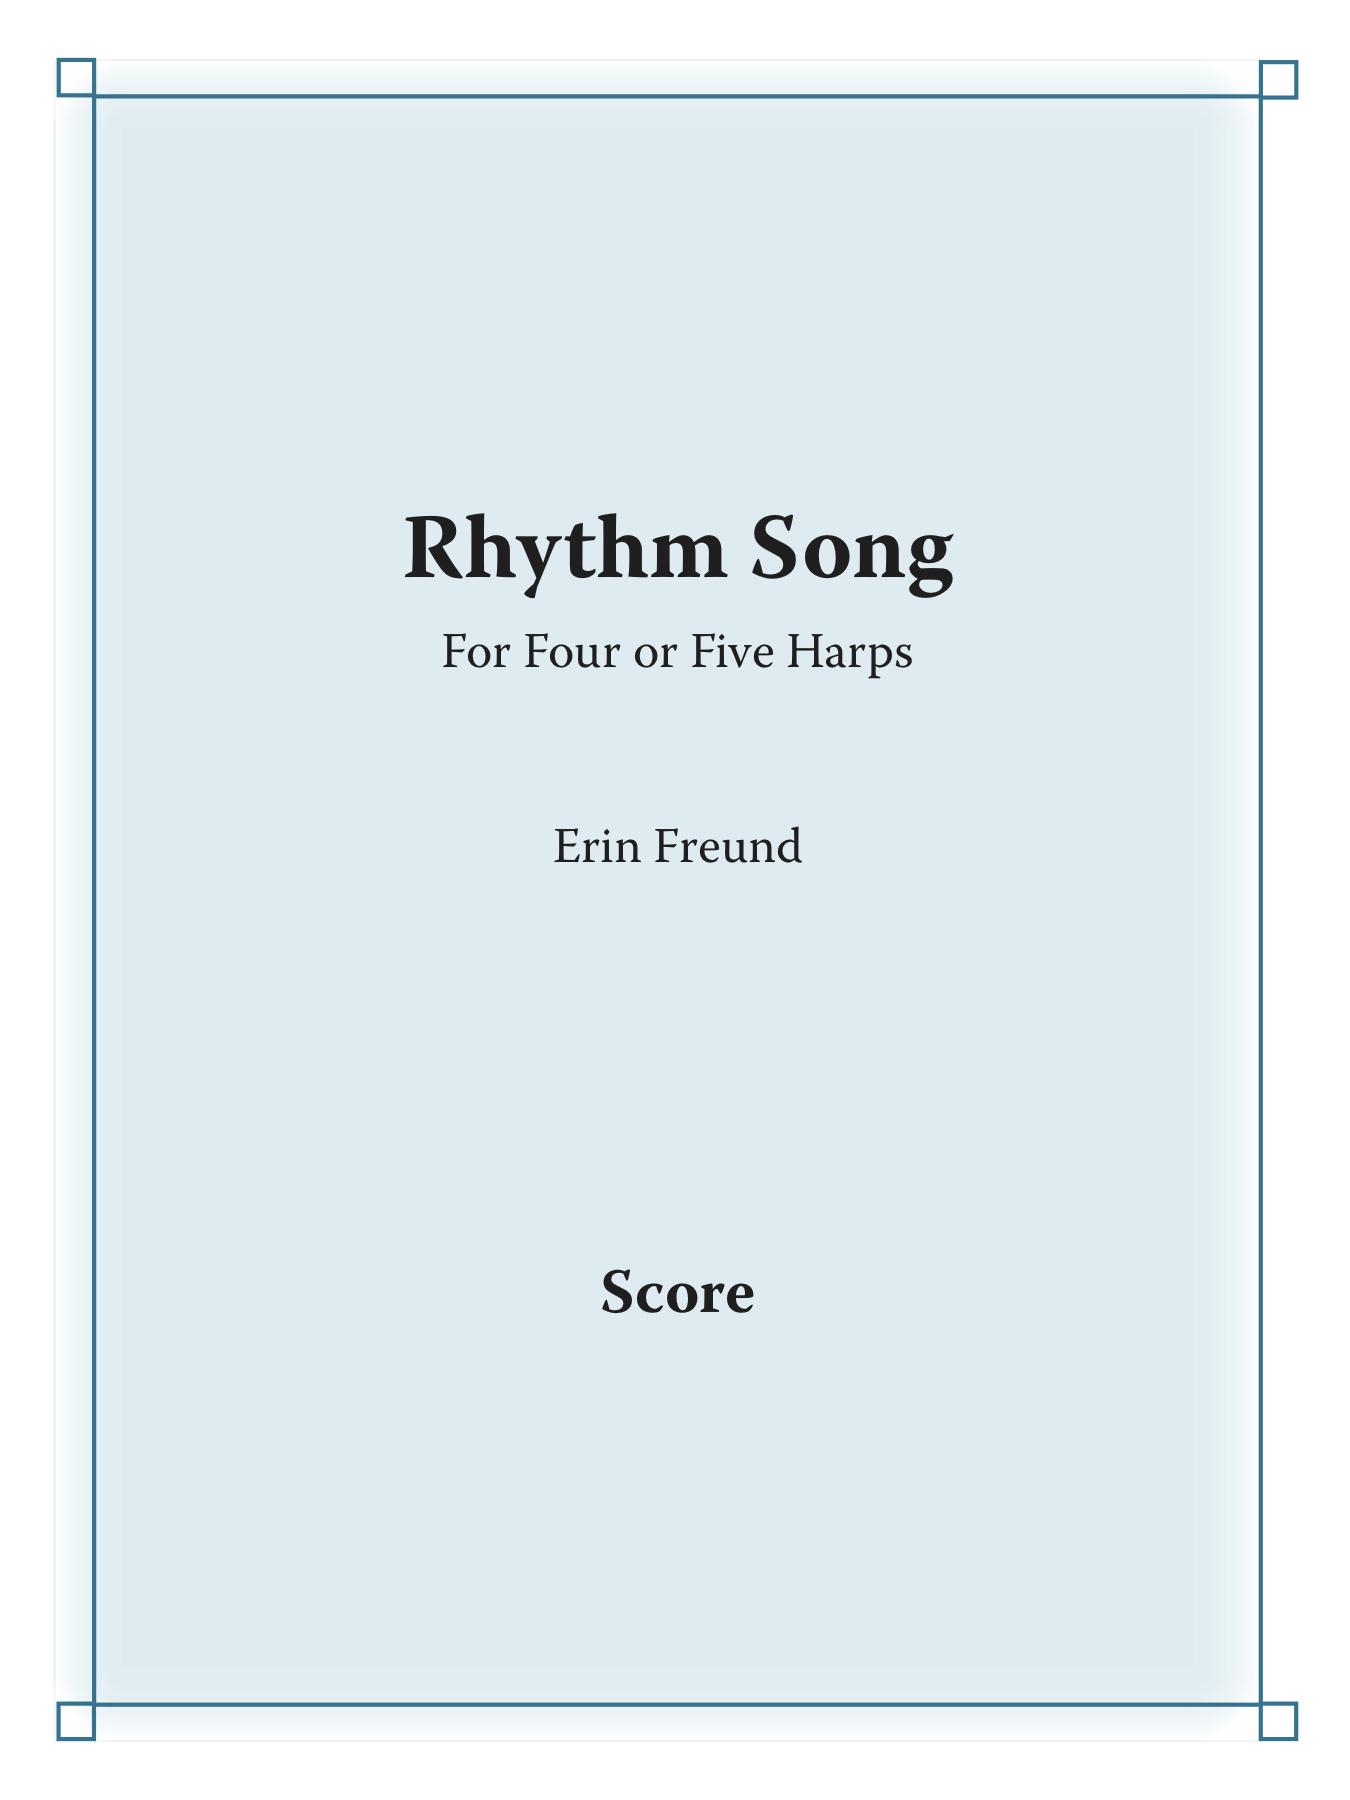 Rhythm song score cover.jpg